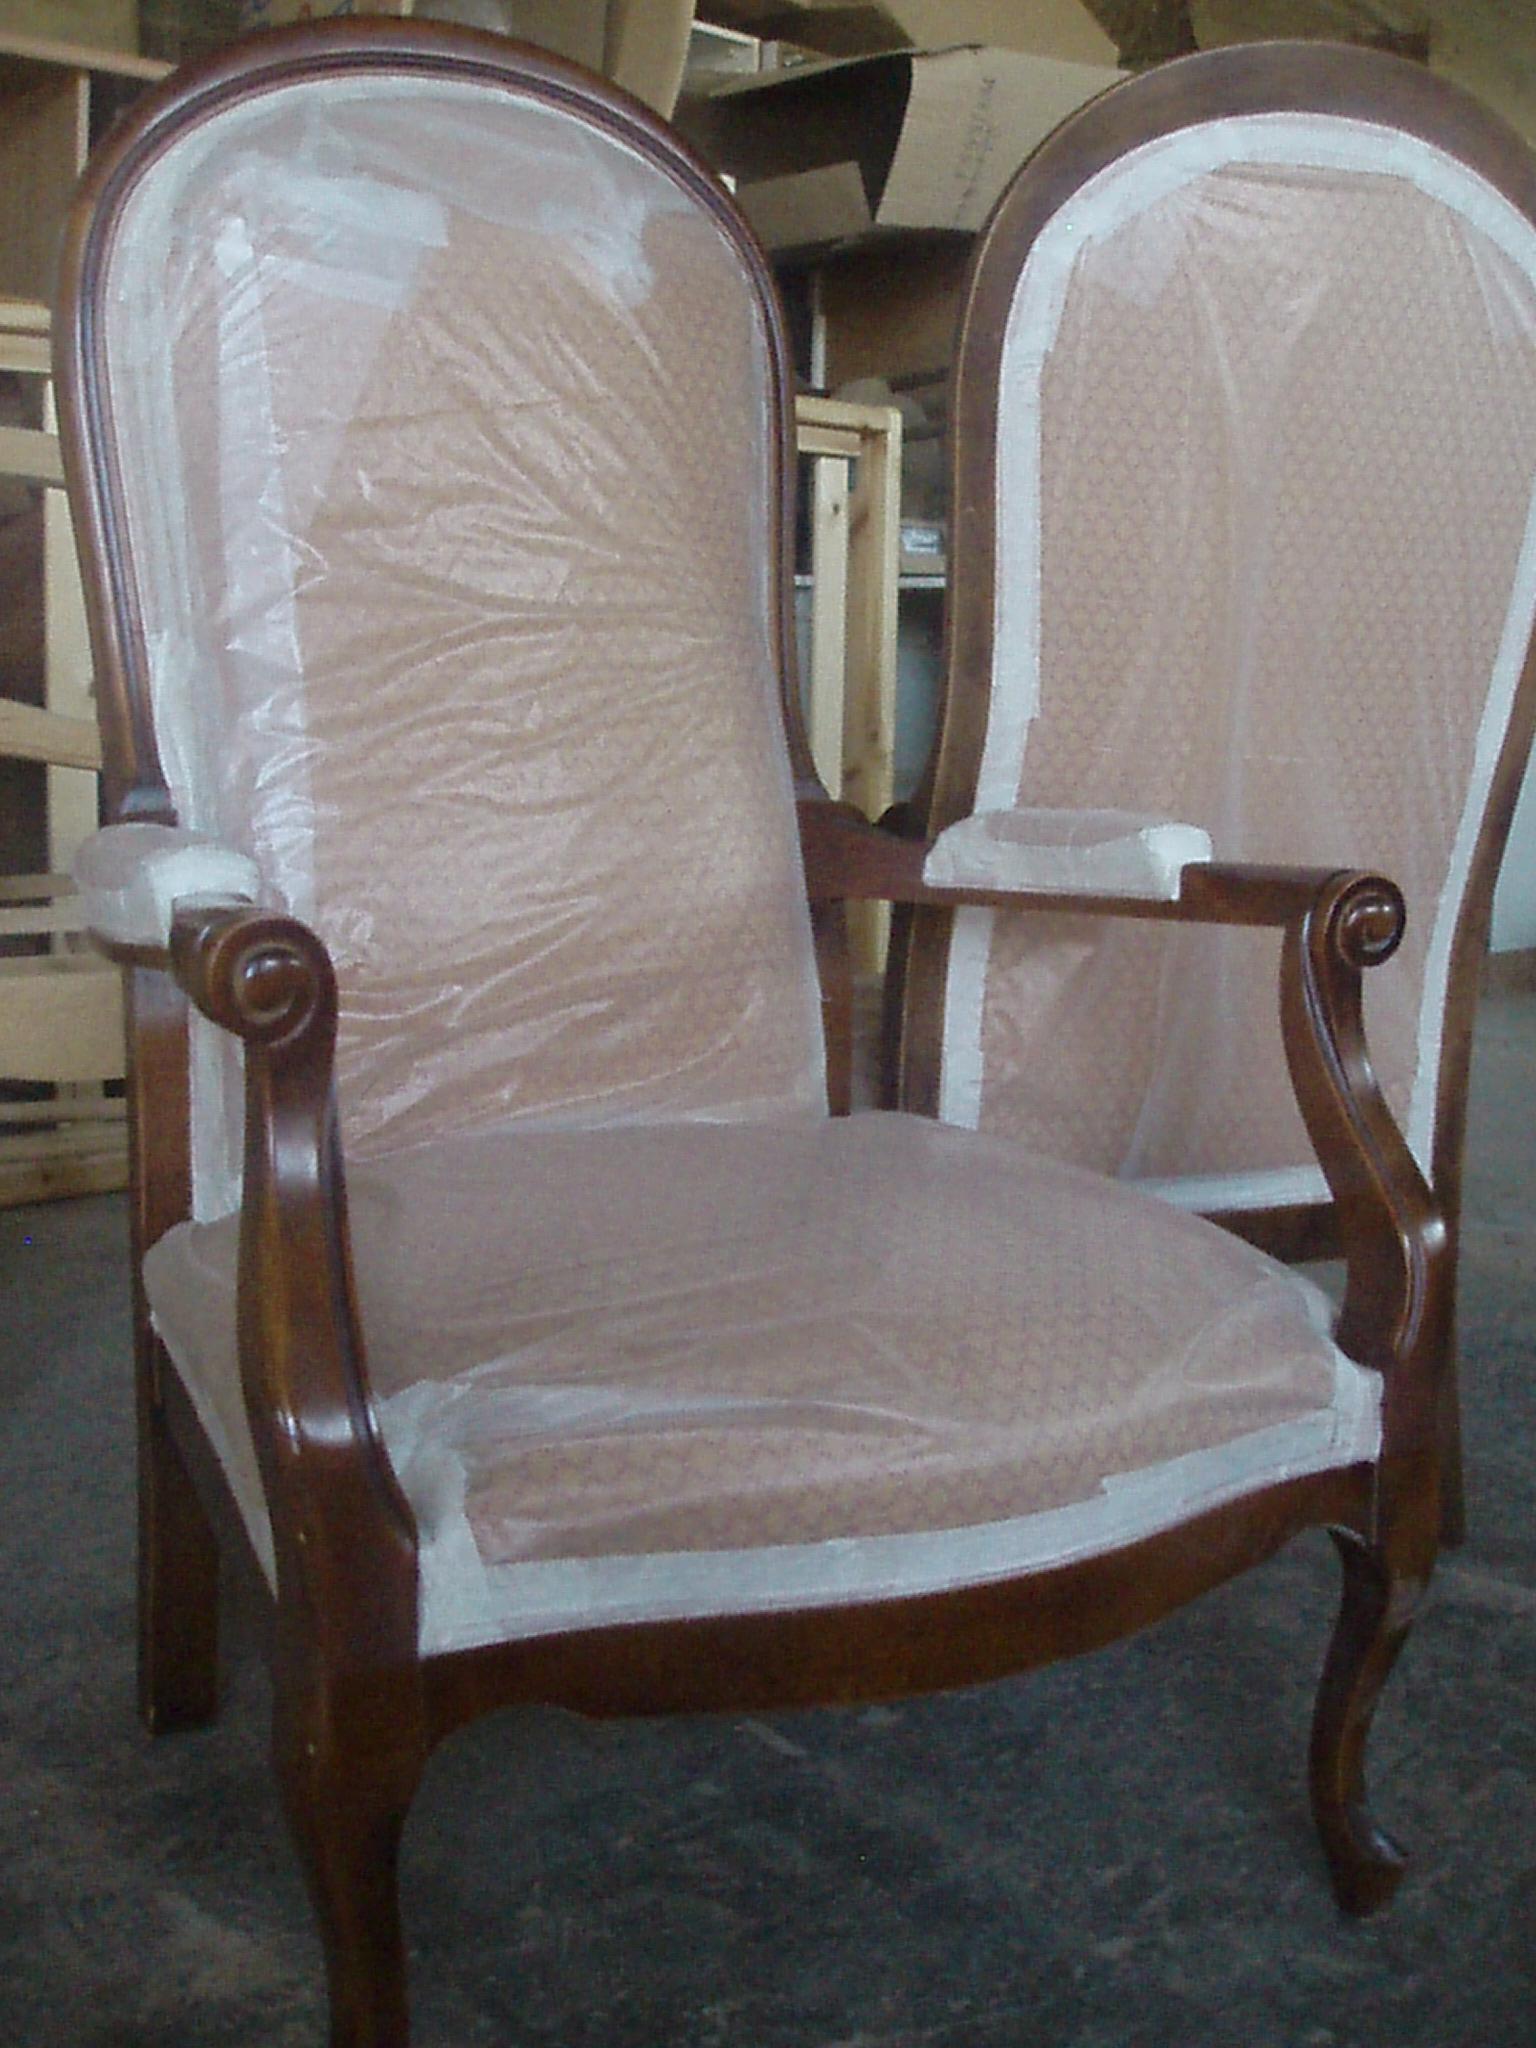 fauteuil voltaire pendant le décapage à sec ( cause tissu )